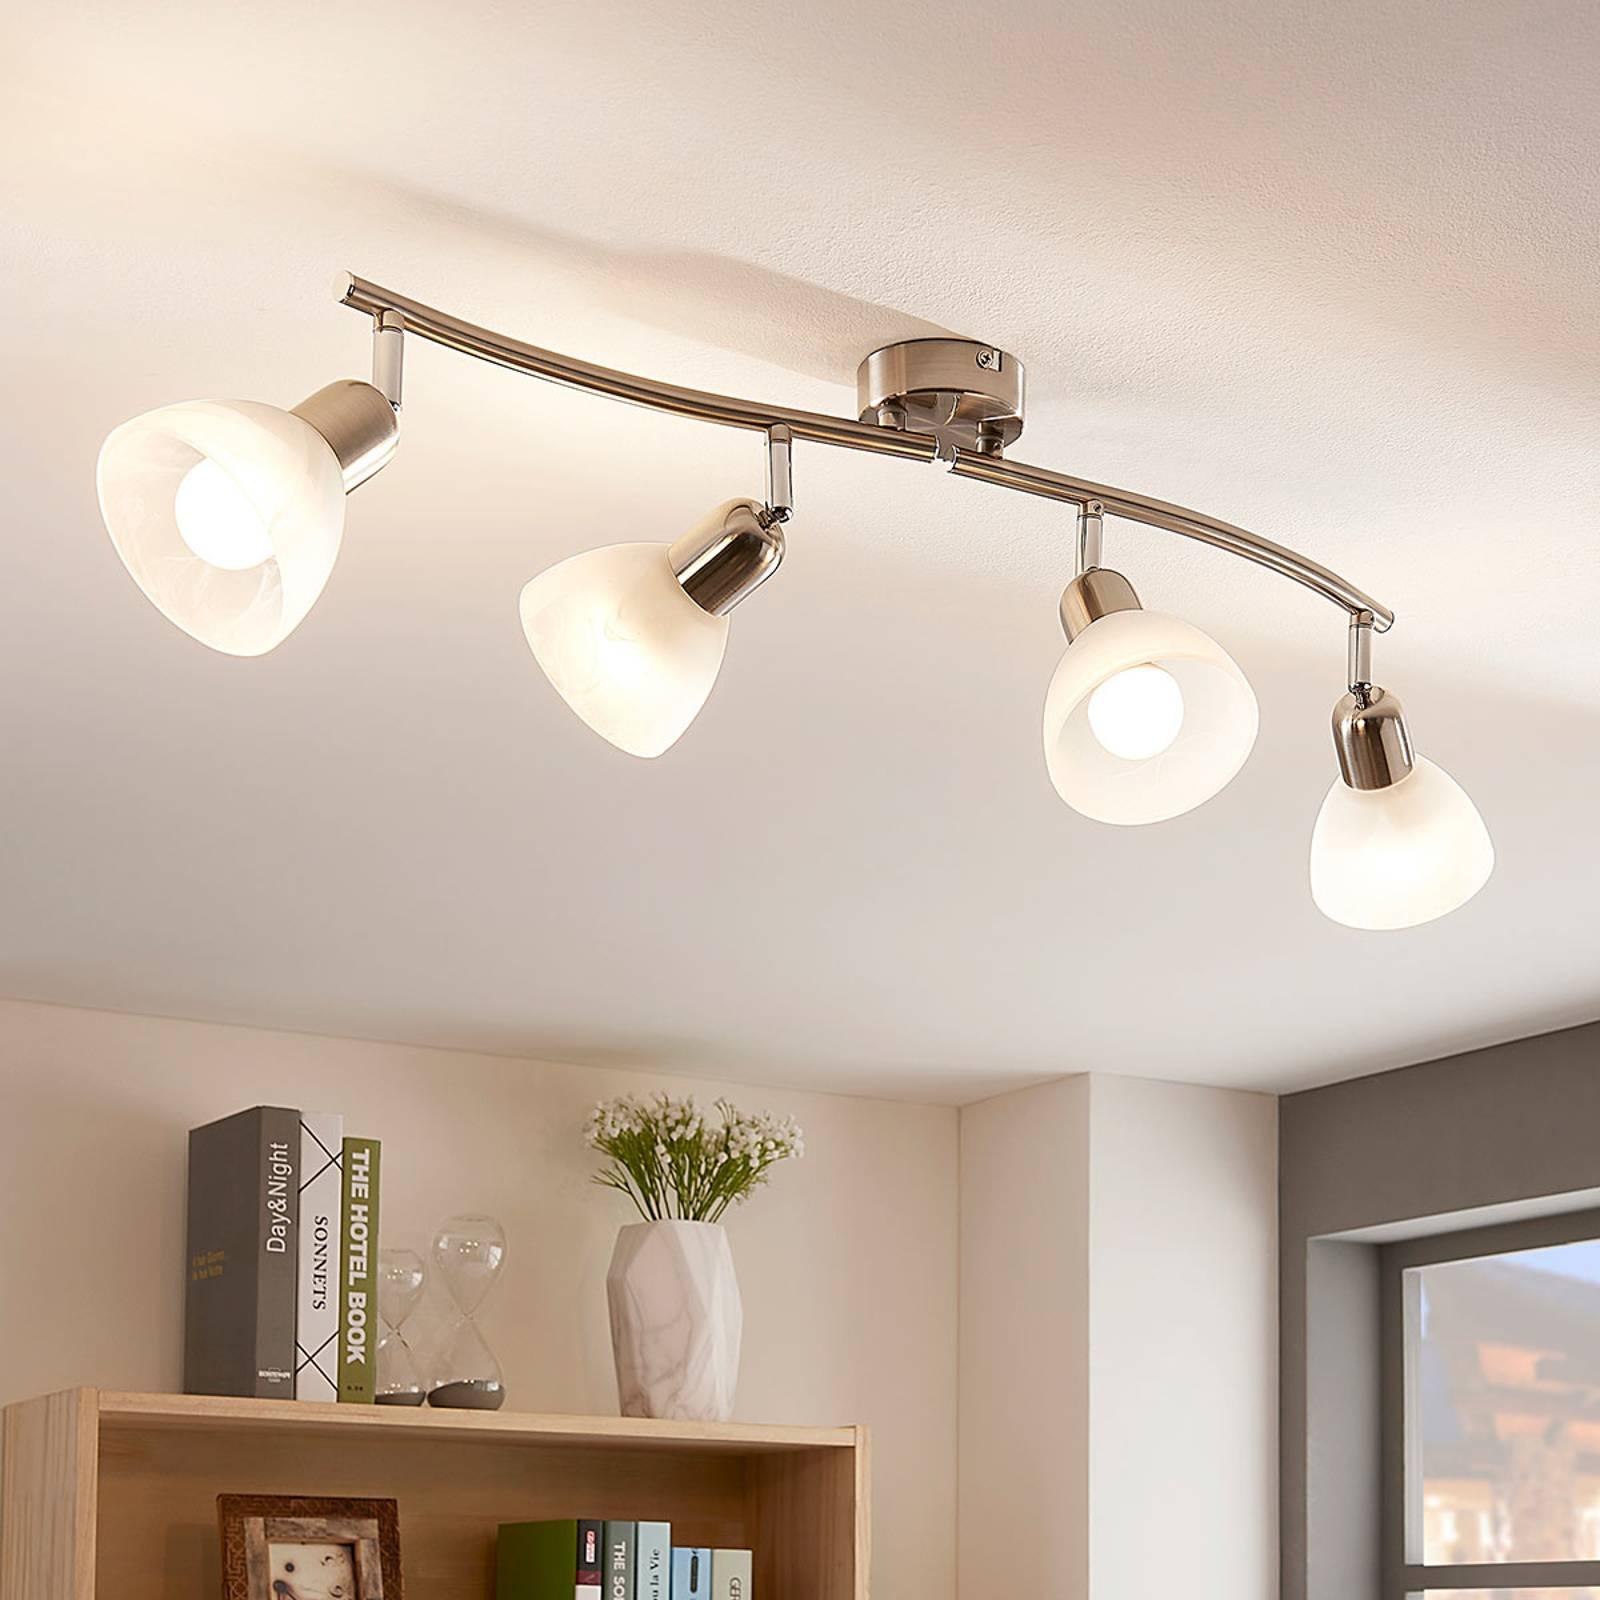 Subtelna lampa sufitowa LED Paulina, 4-punktowa